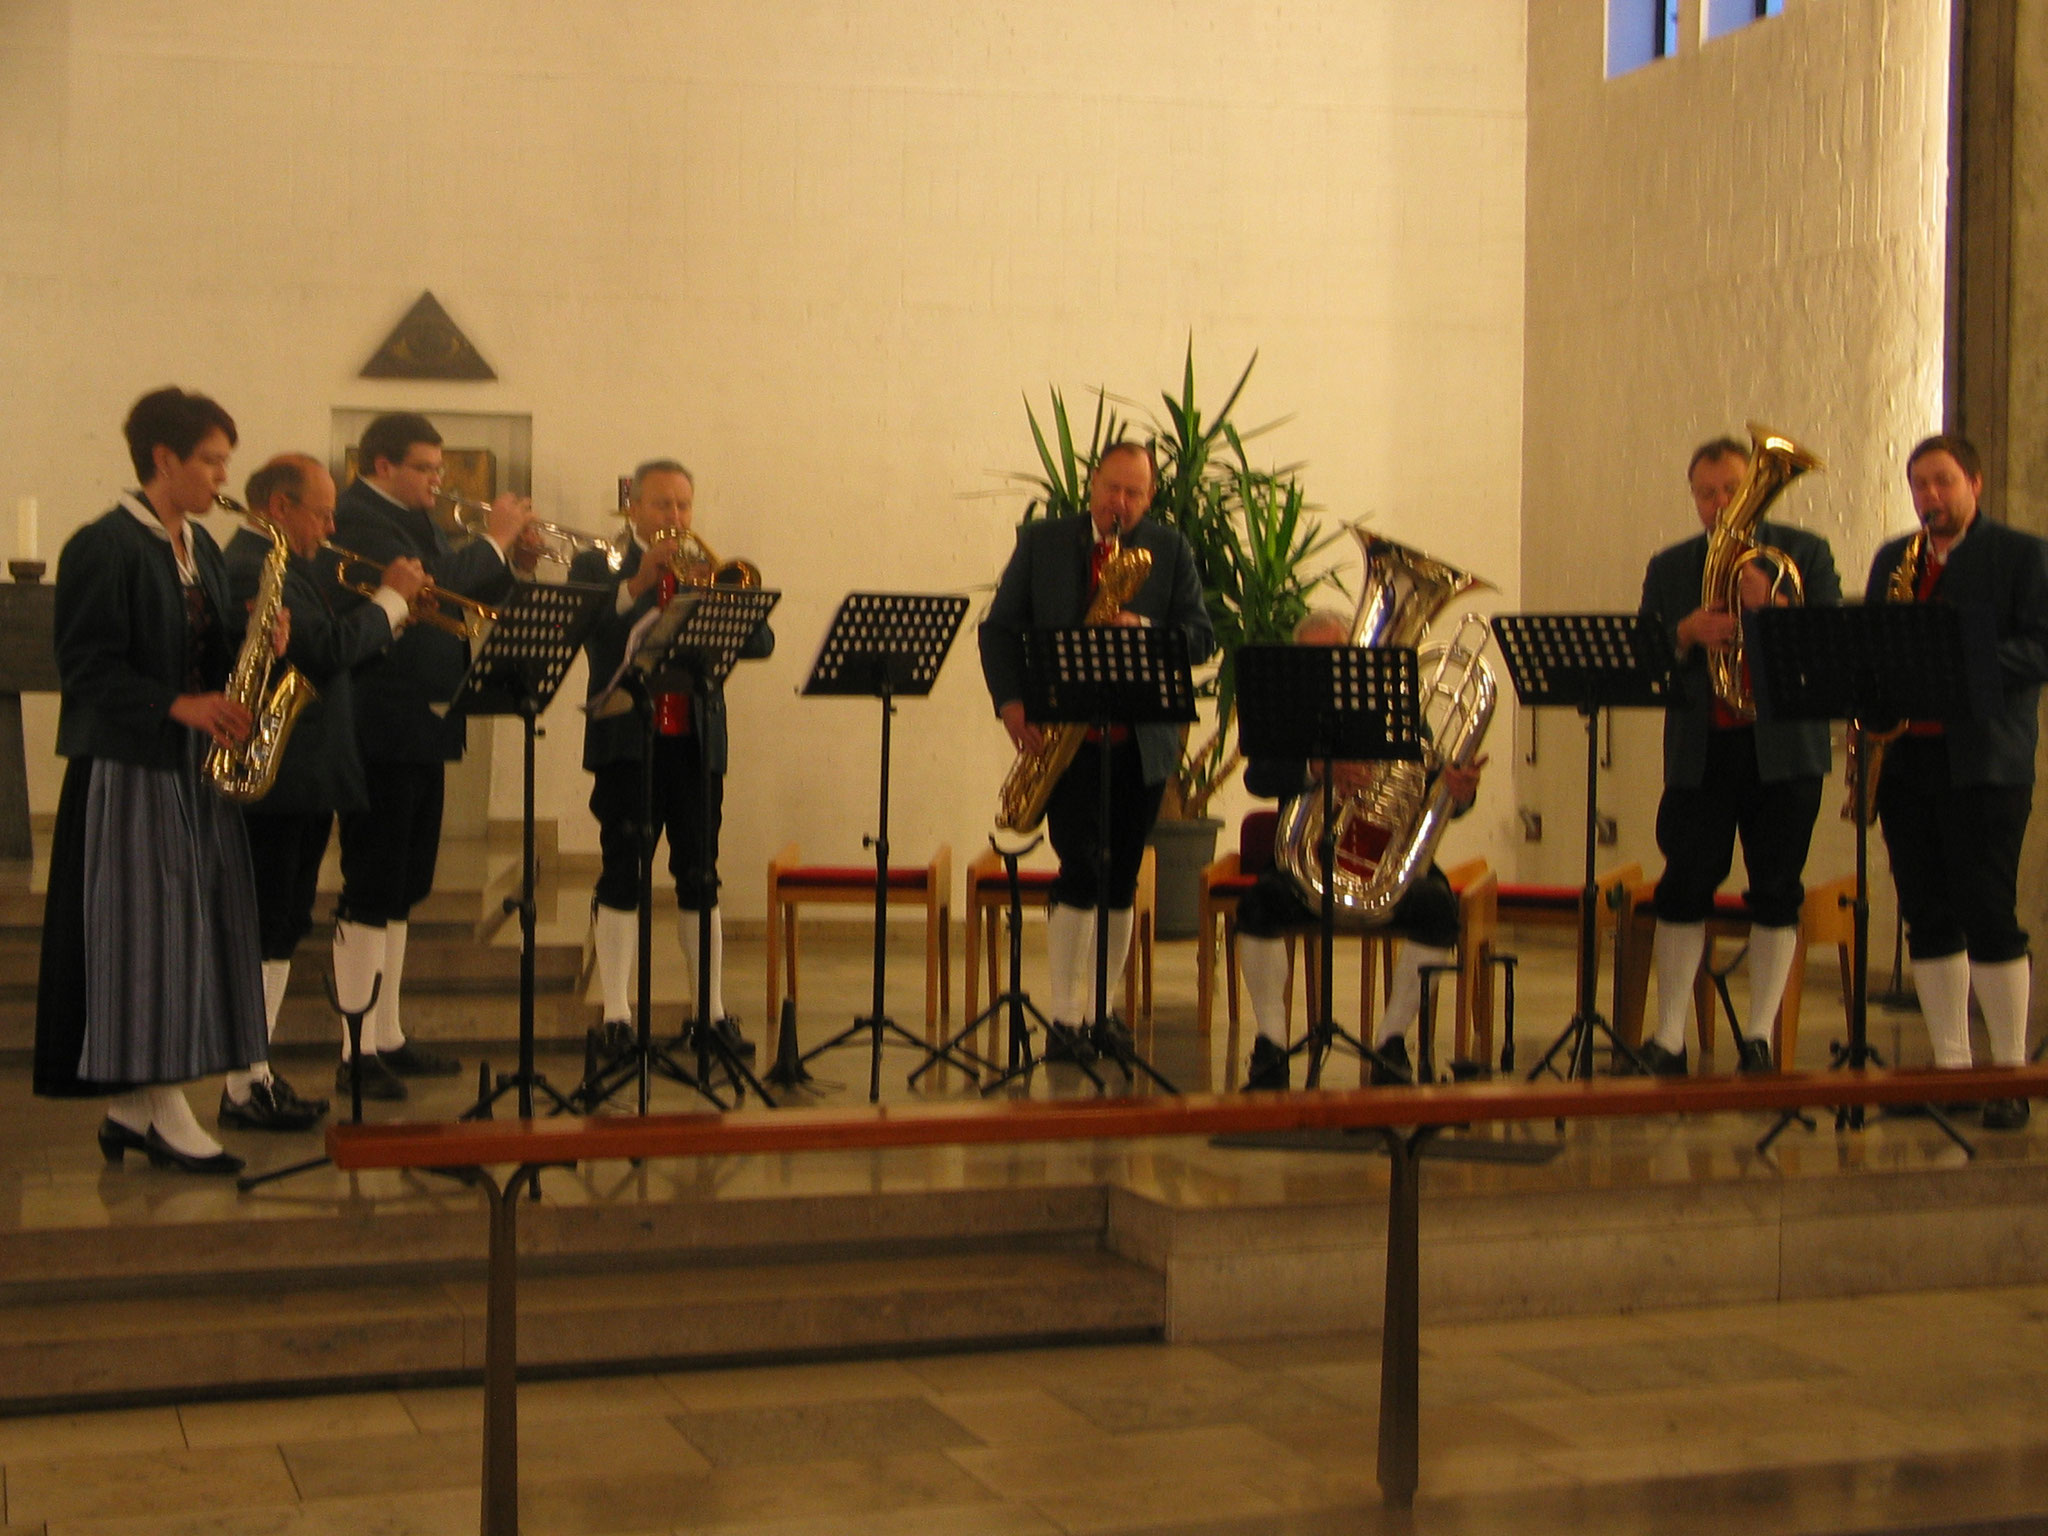 Das Ellgauer Bläser-Ensemble unter der Regie von Werner Schafnitzel erfreute mit drei musikalischen Beiträgen